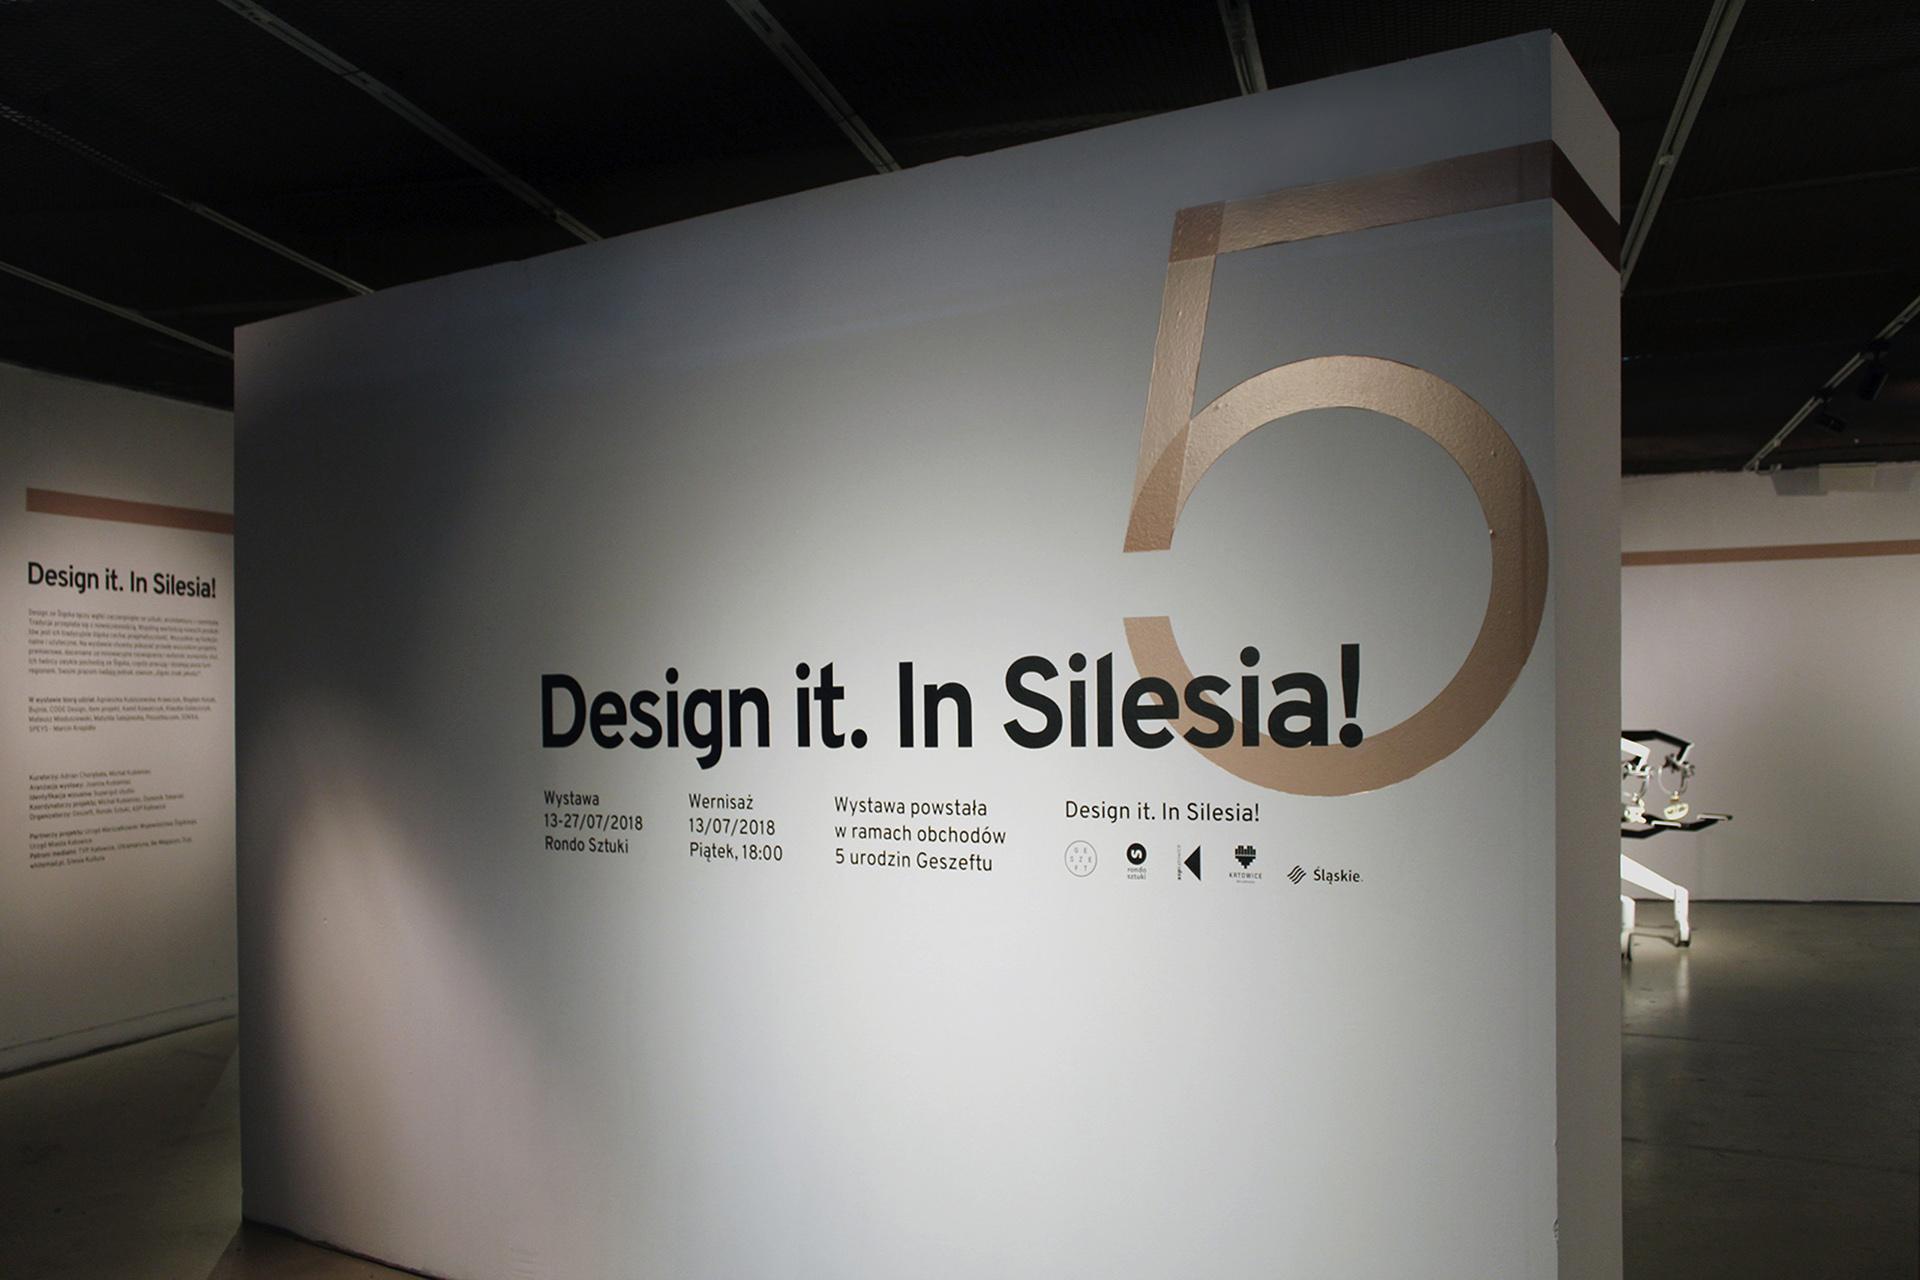 Design it. In Silesia - Joanna Kubieniec i Katarzyna Długosz - Biuro architektoniczne w Katowicach